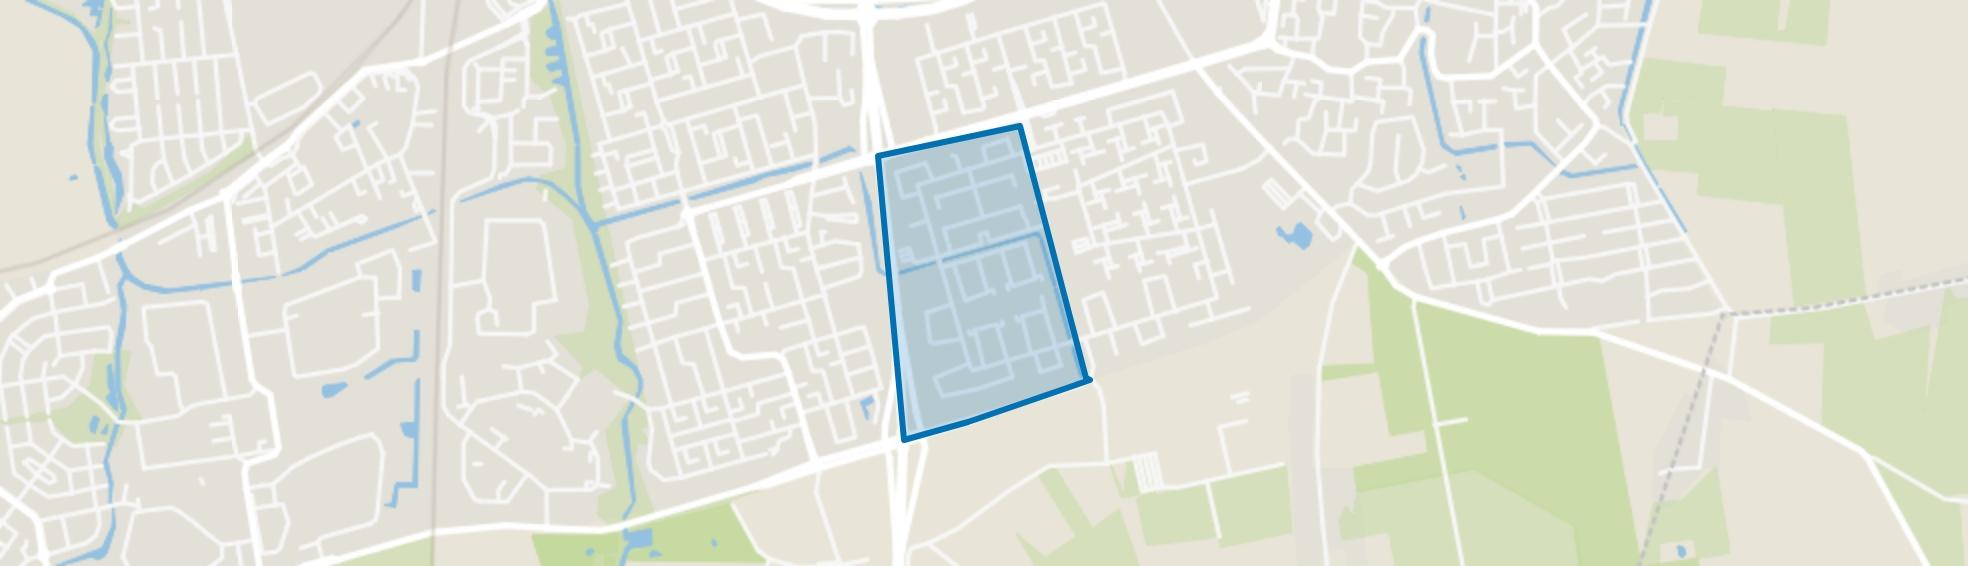 Langdonk-West, Roosendaal map